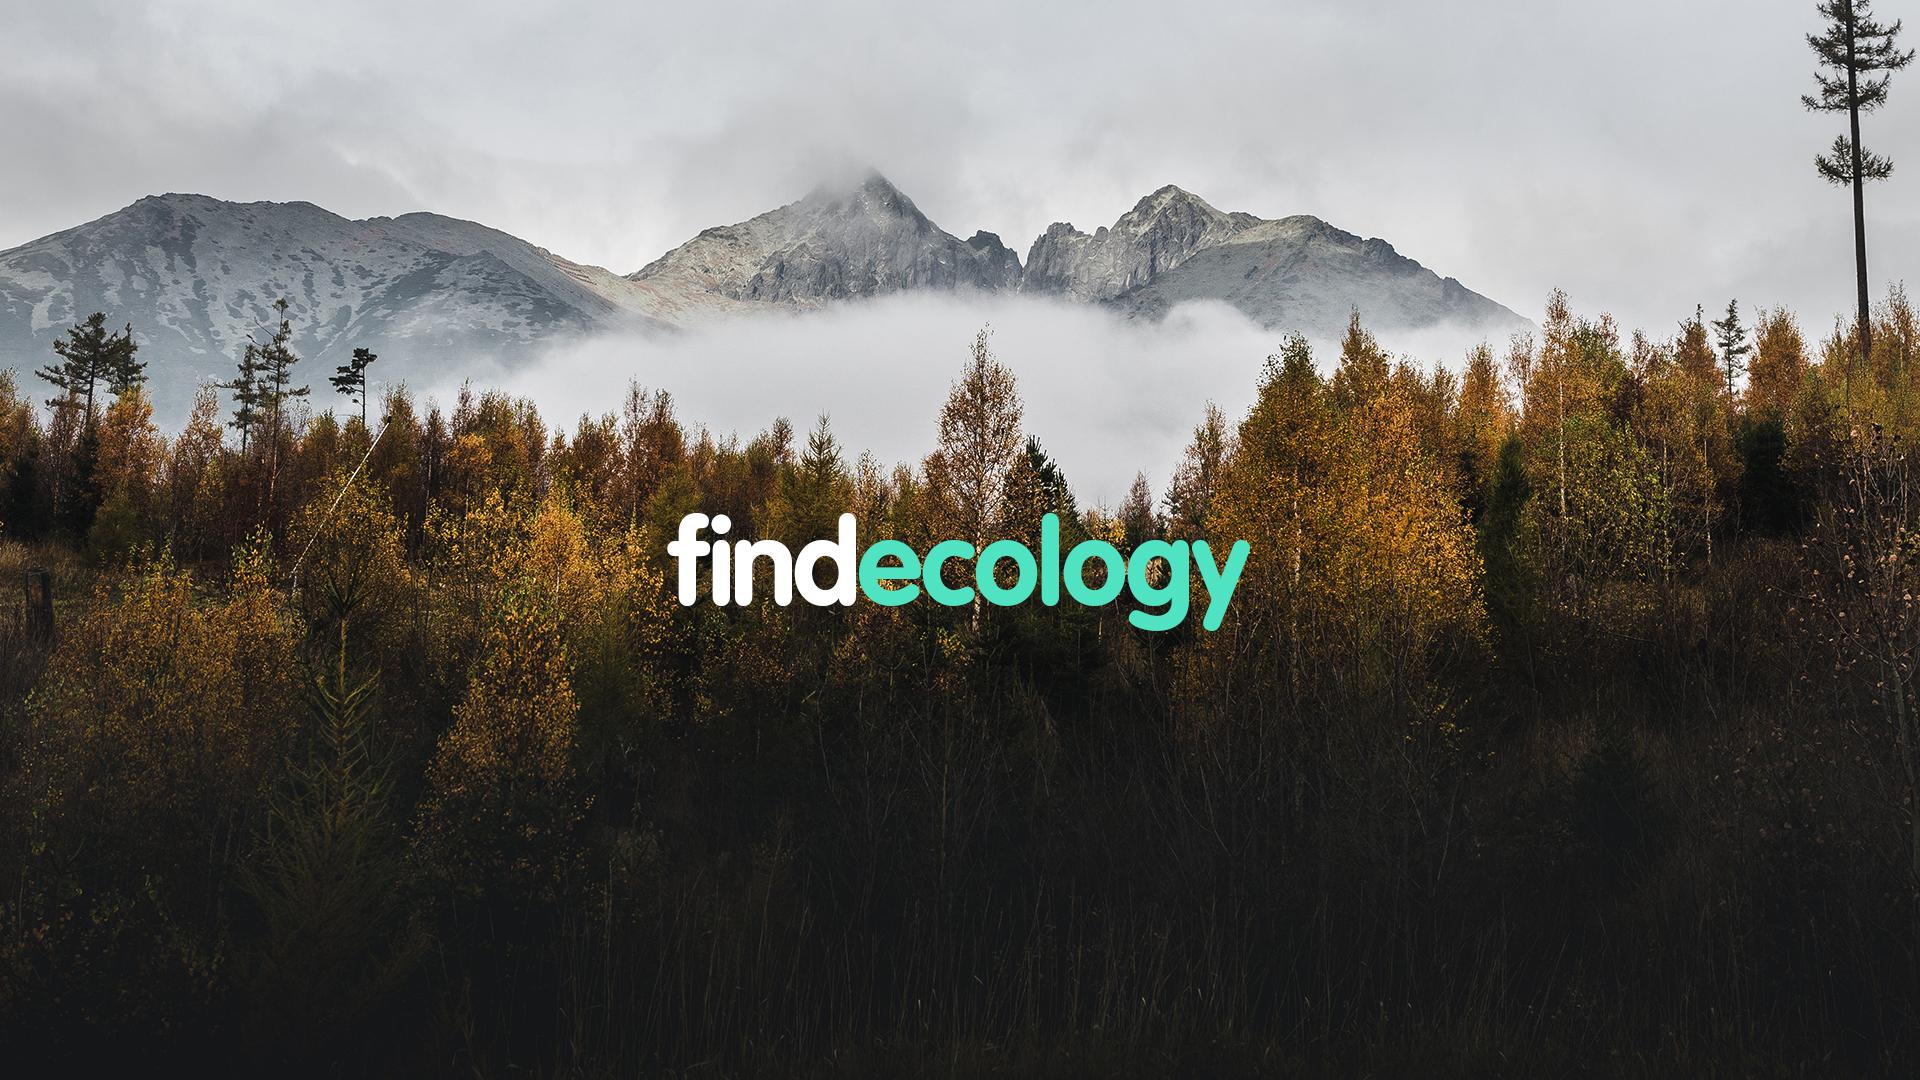 finde_mensajes_c